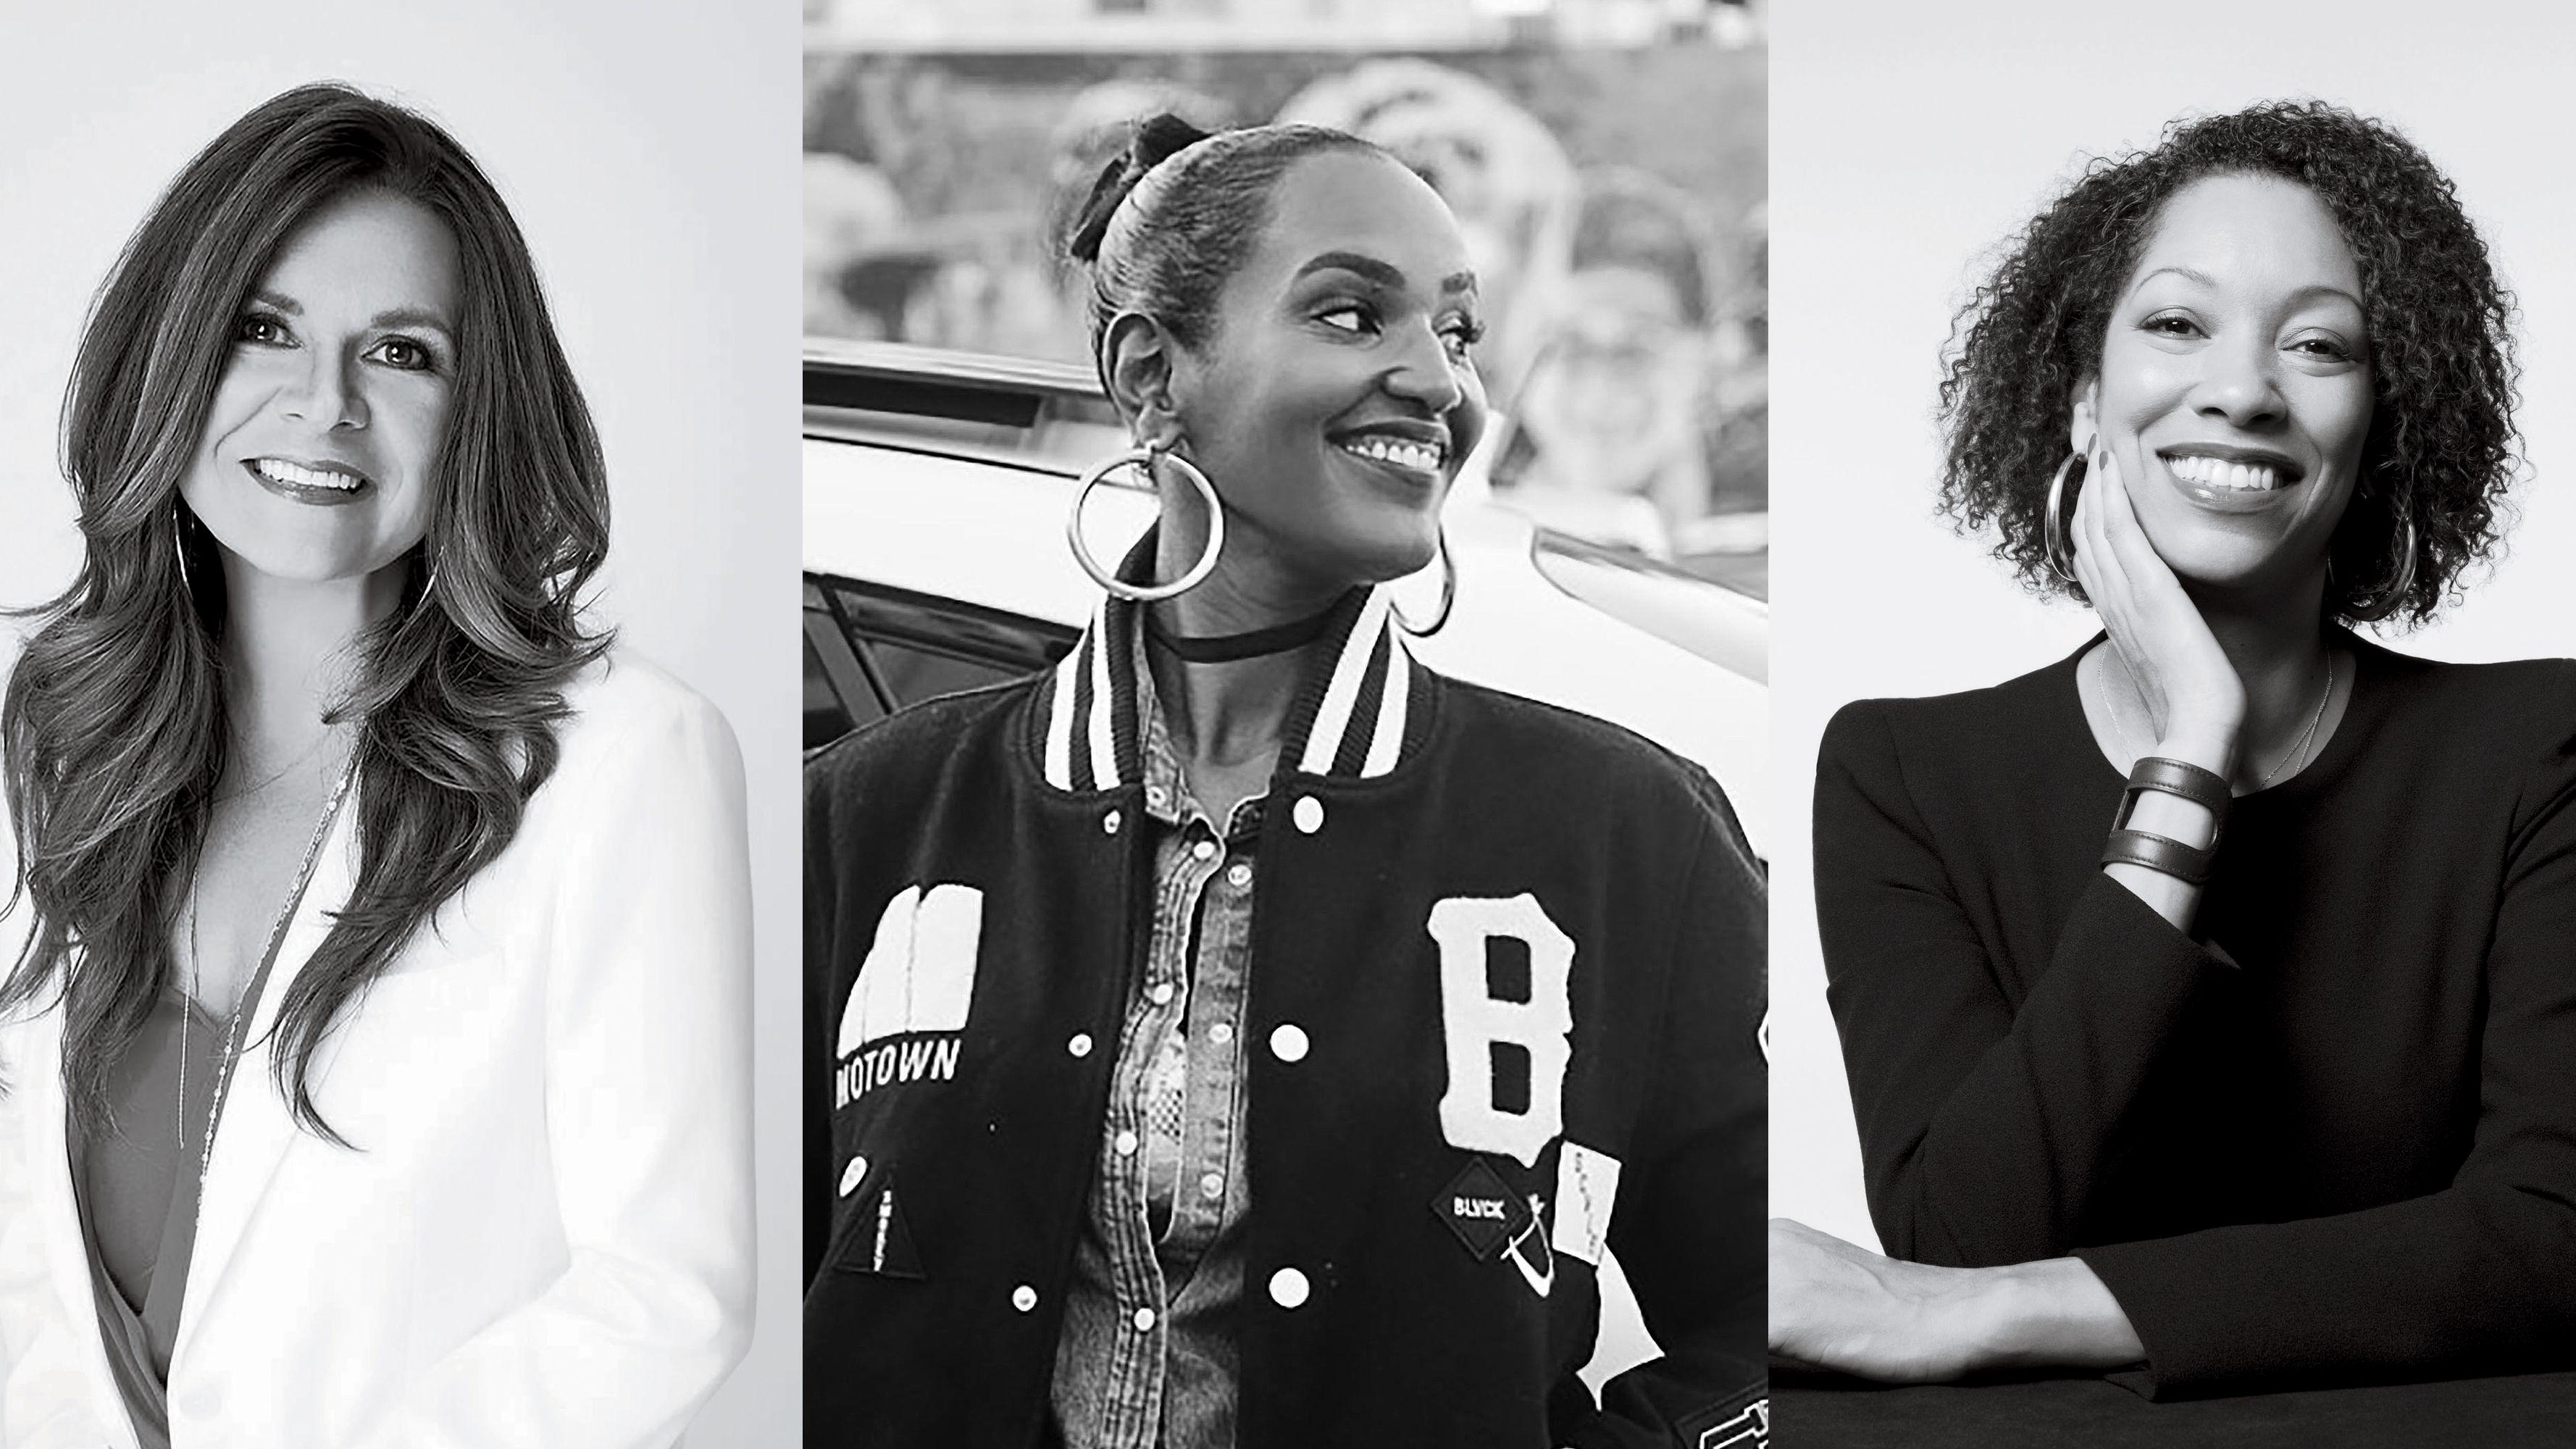 Meet the Women Behind the Music